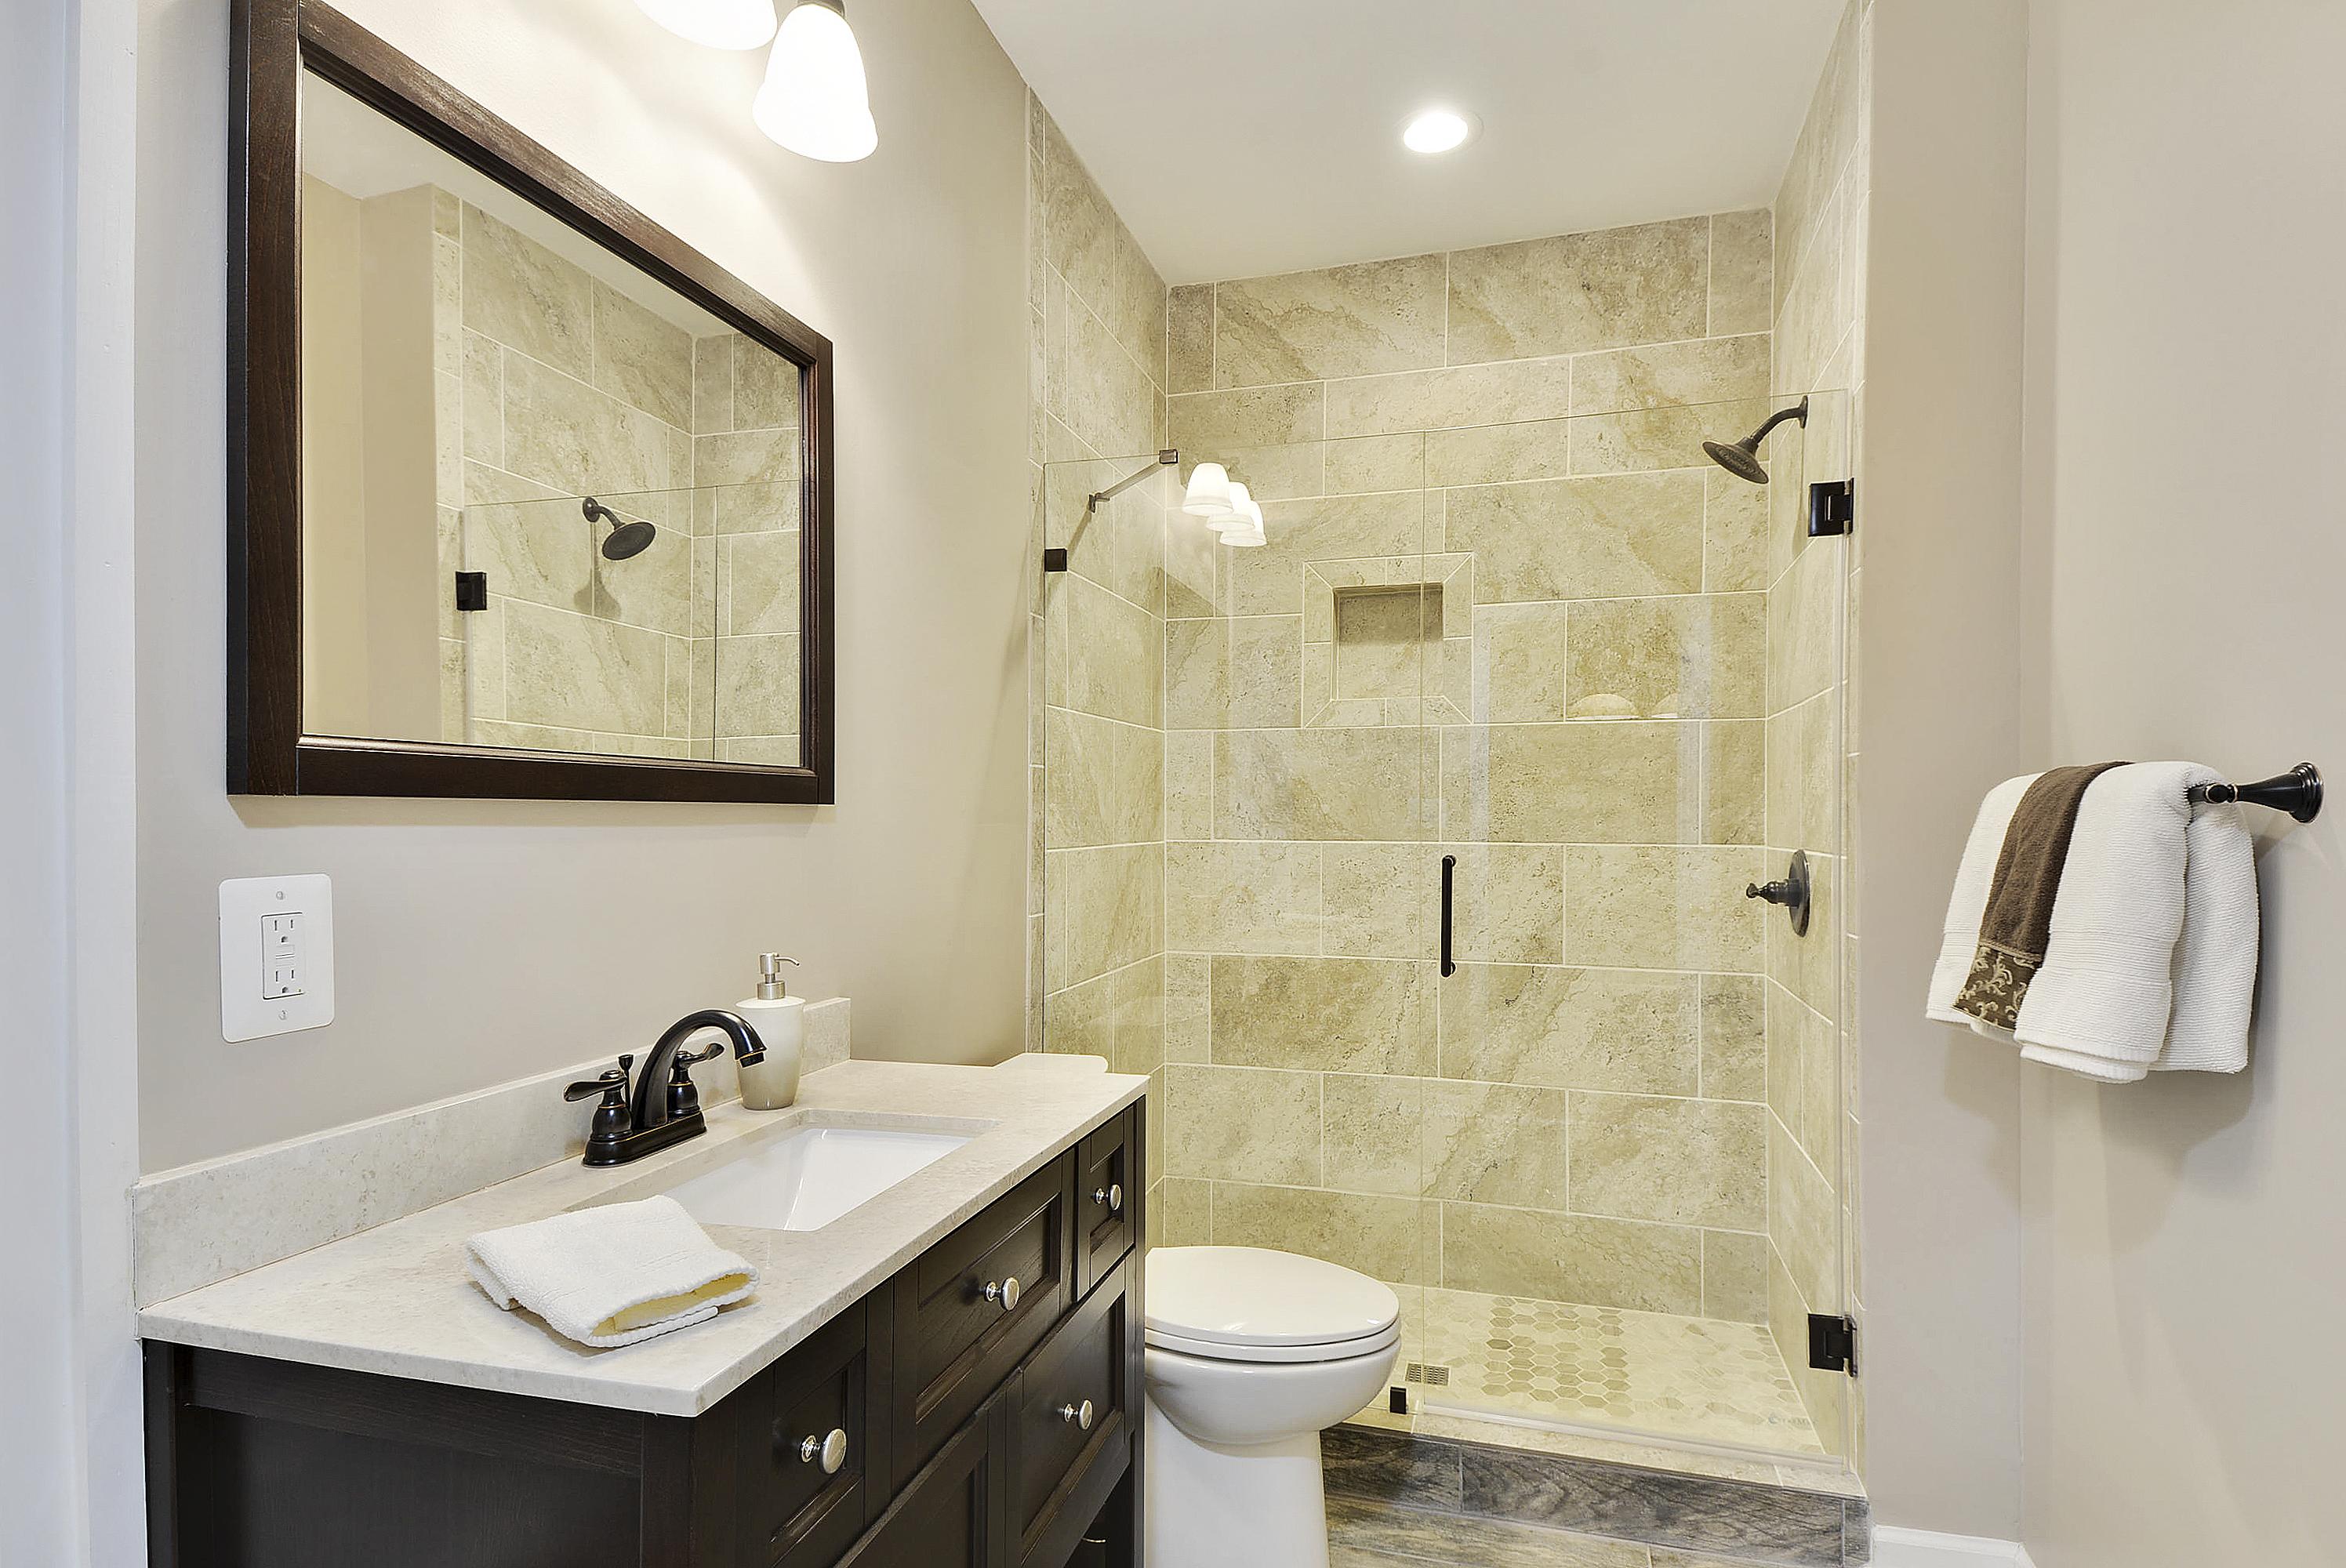 floor-plan-bath-dsc3280